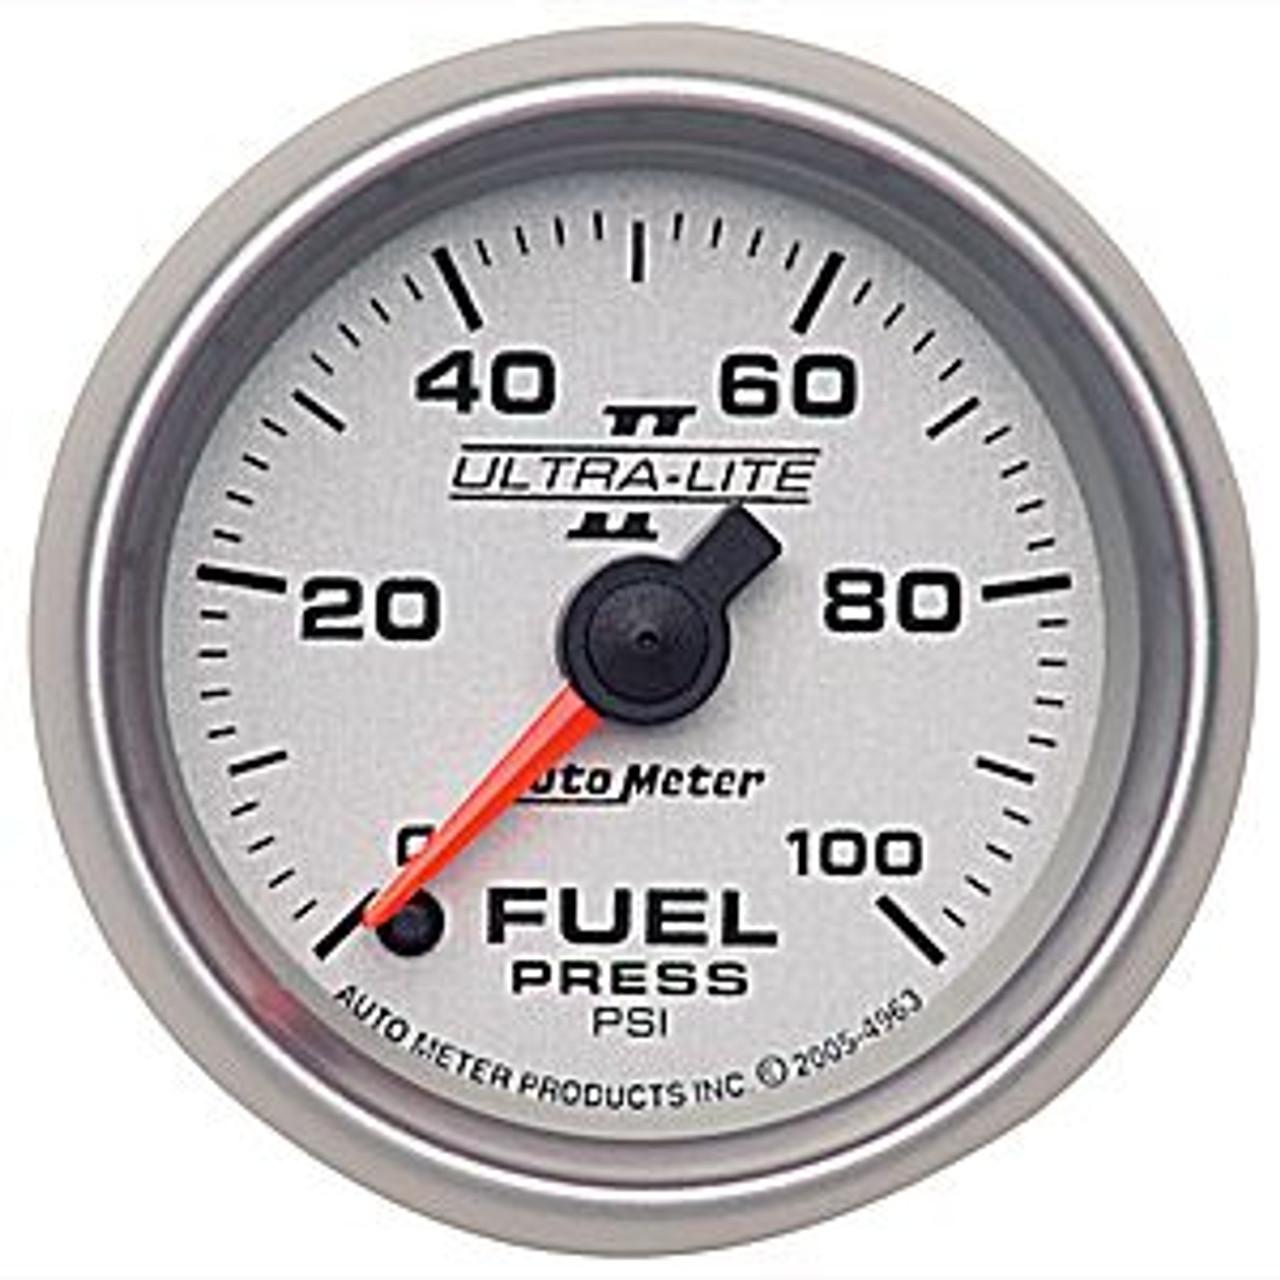 Autometer Ultra-Lite 2 Fuel Press 0-100 Psi, (Fs) E 2-1/16In.